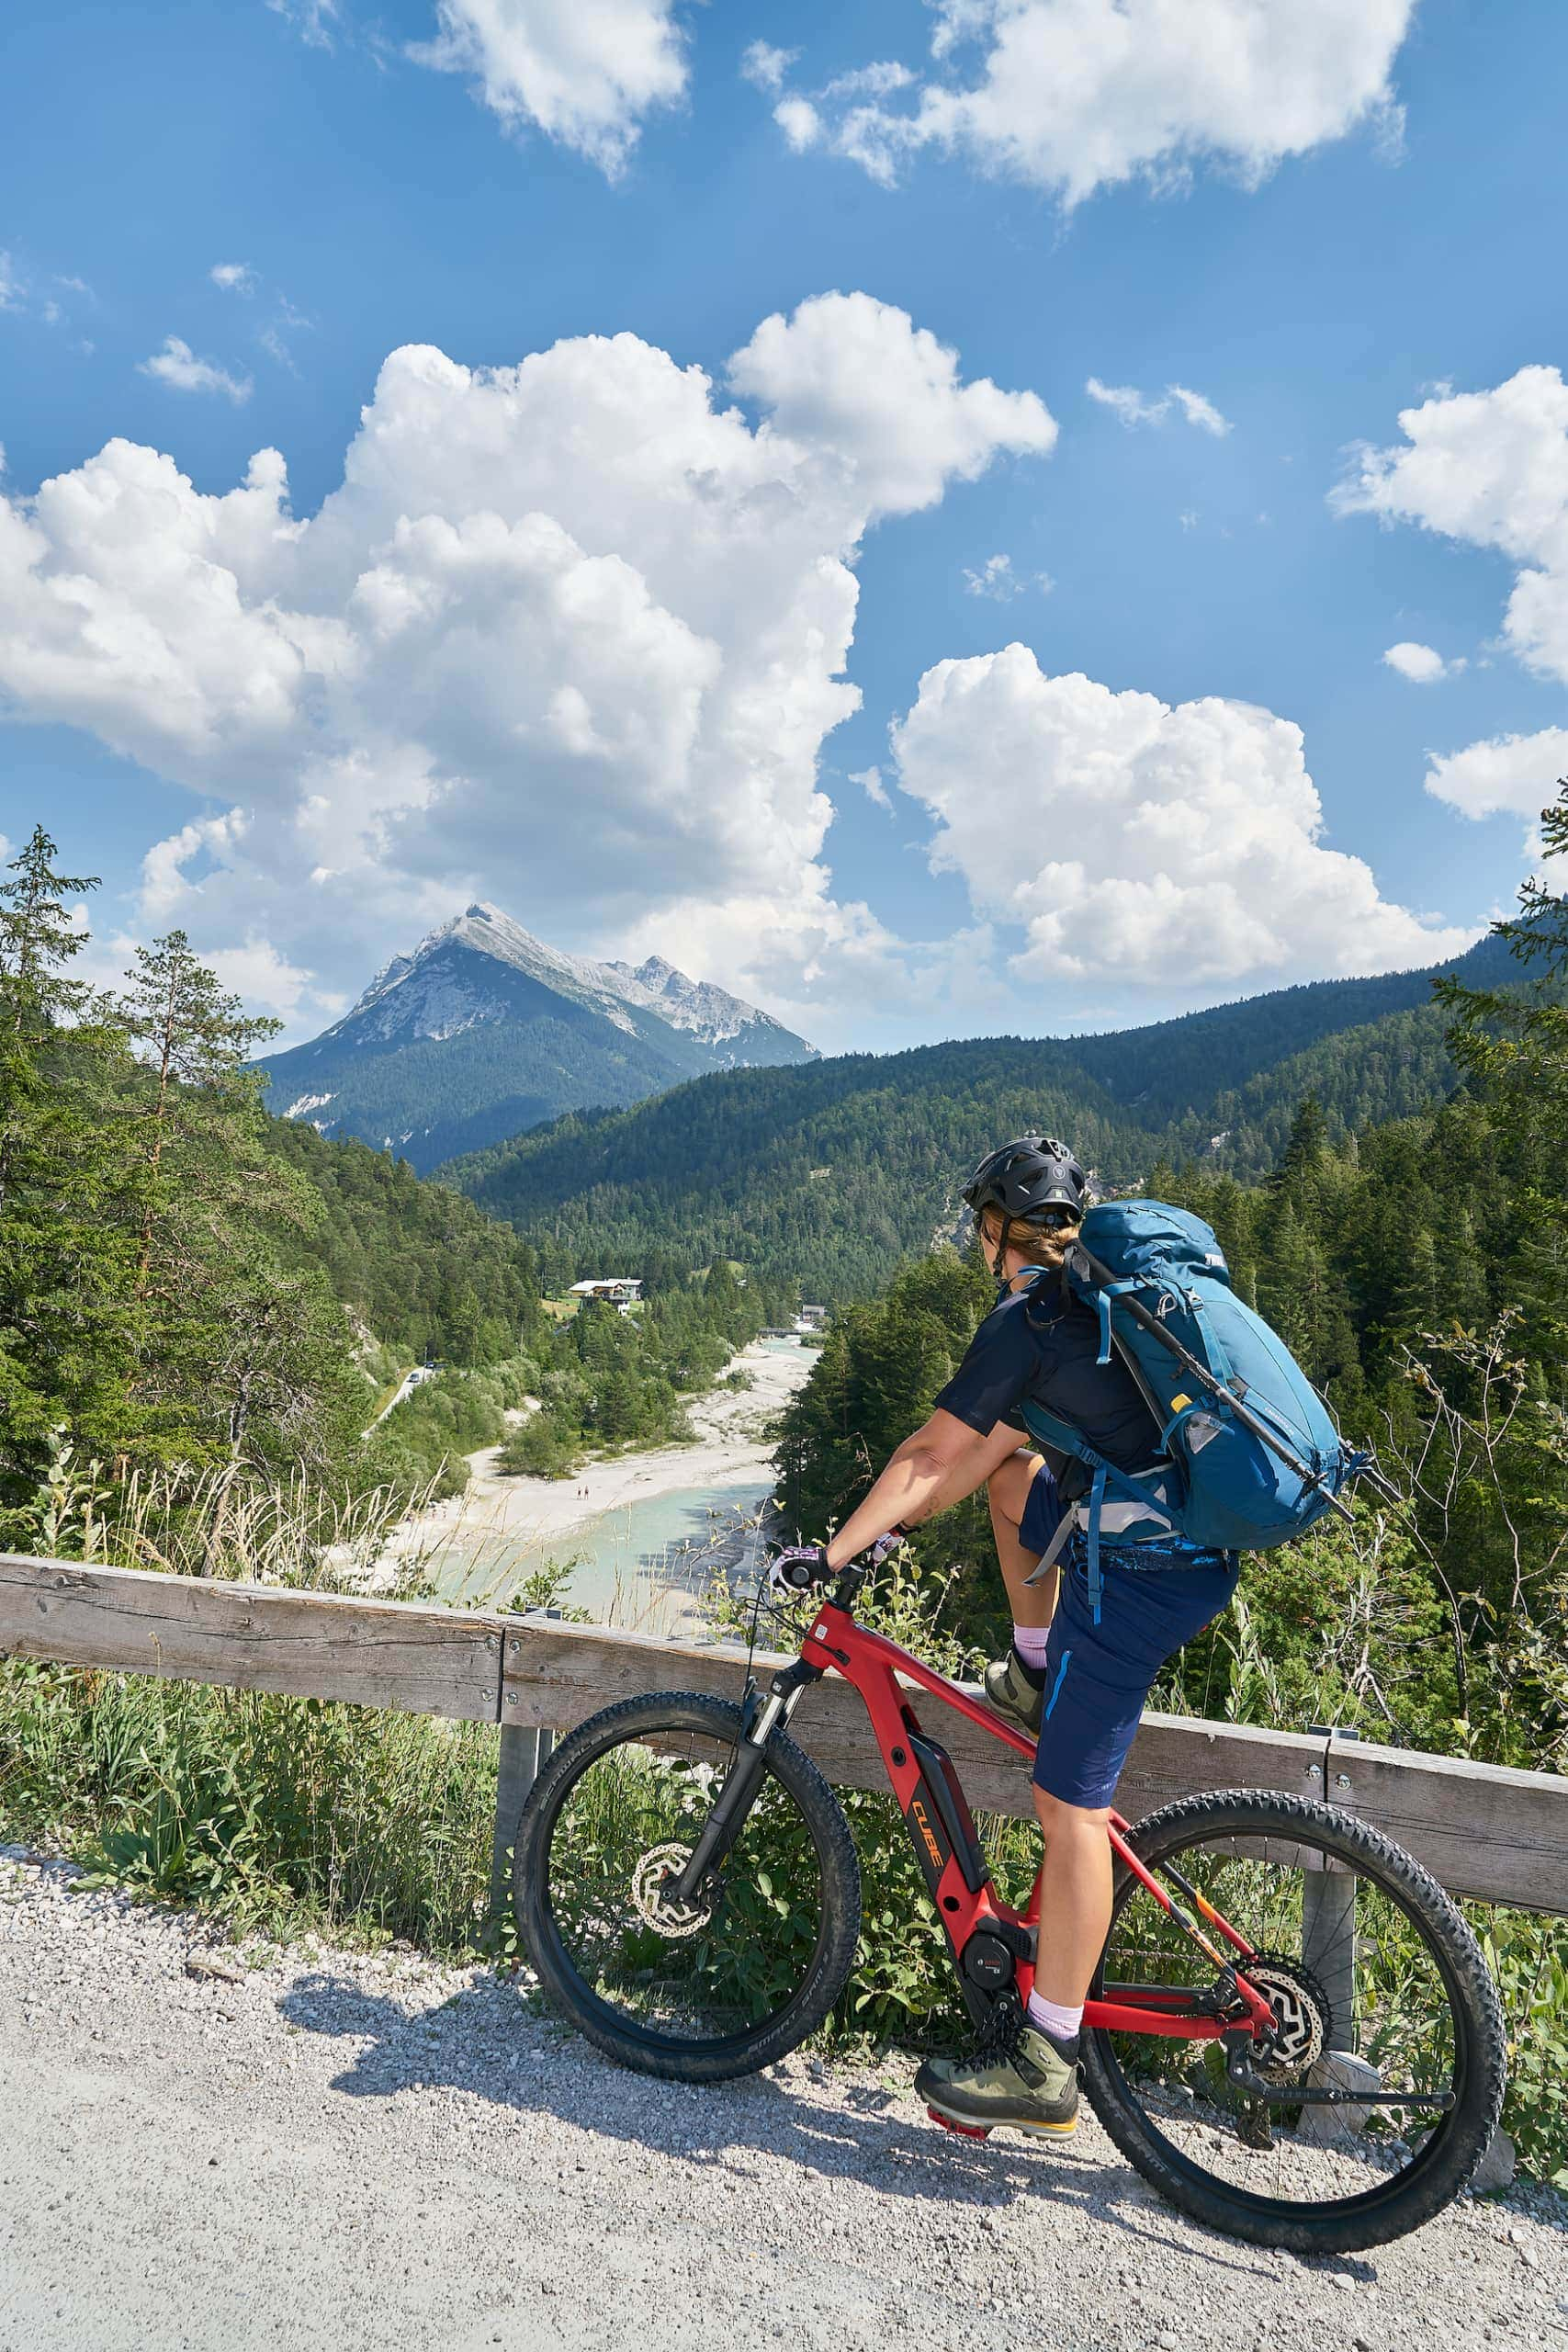 Fahrradfahrerin auf E-Bike im Karwendelgebirge in Österreich